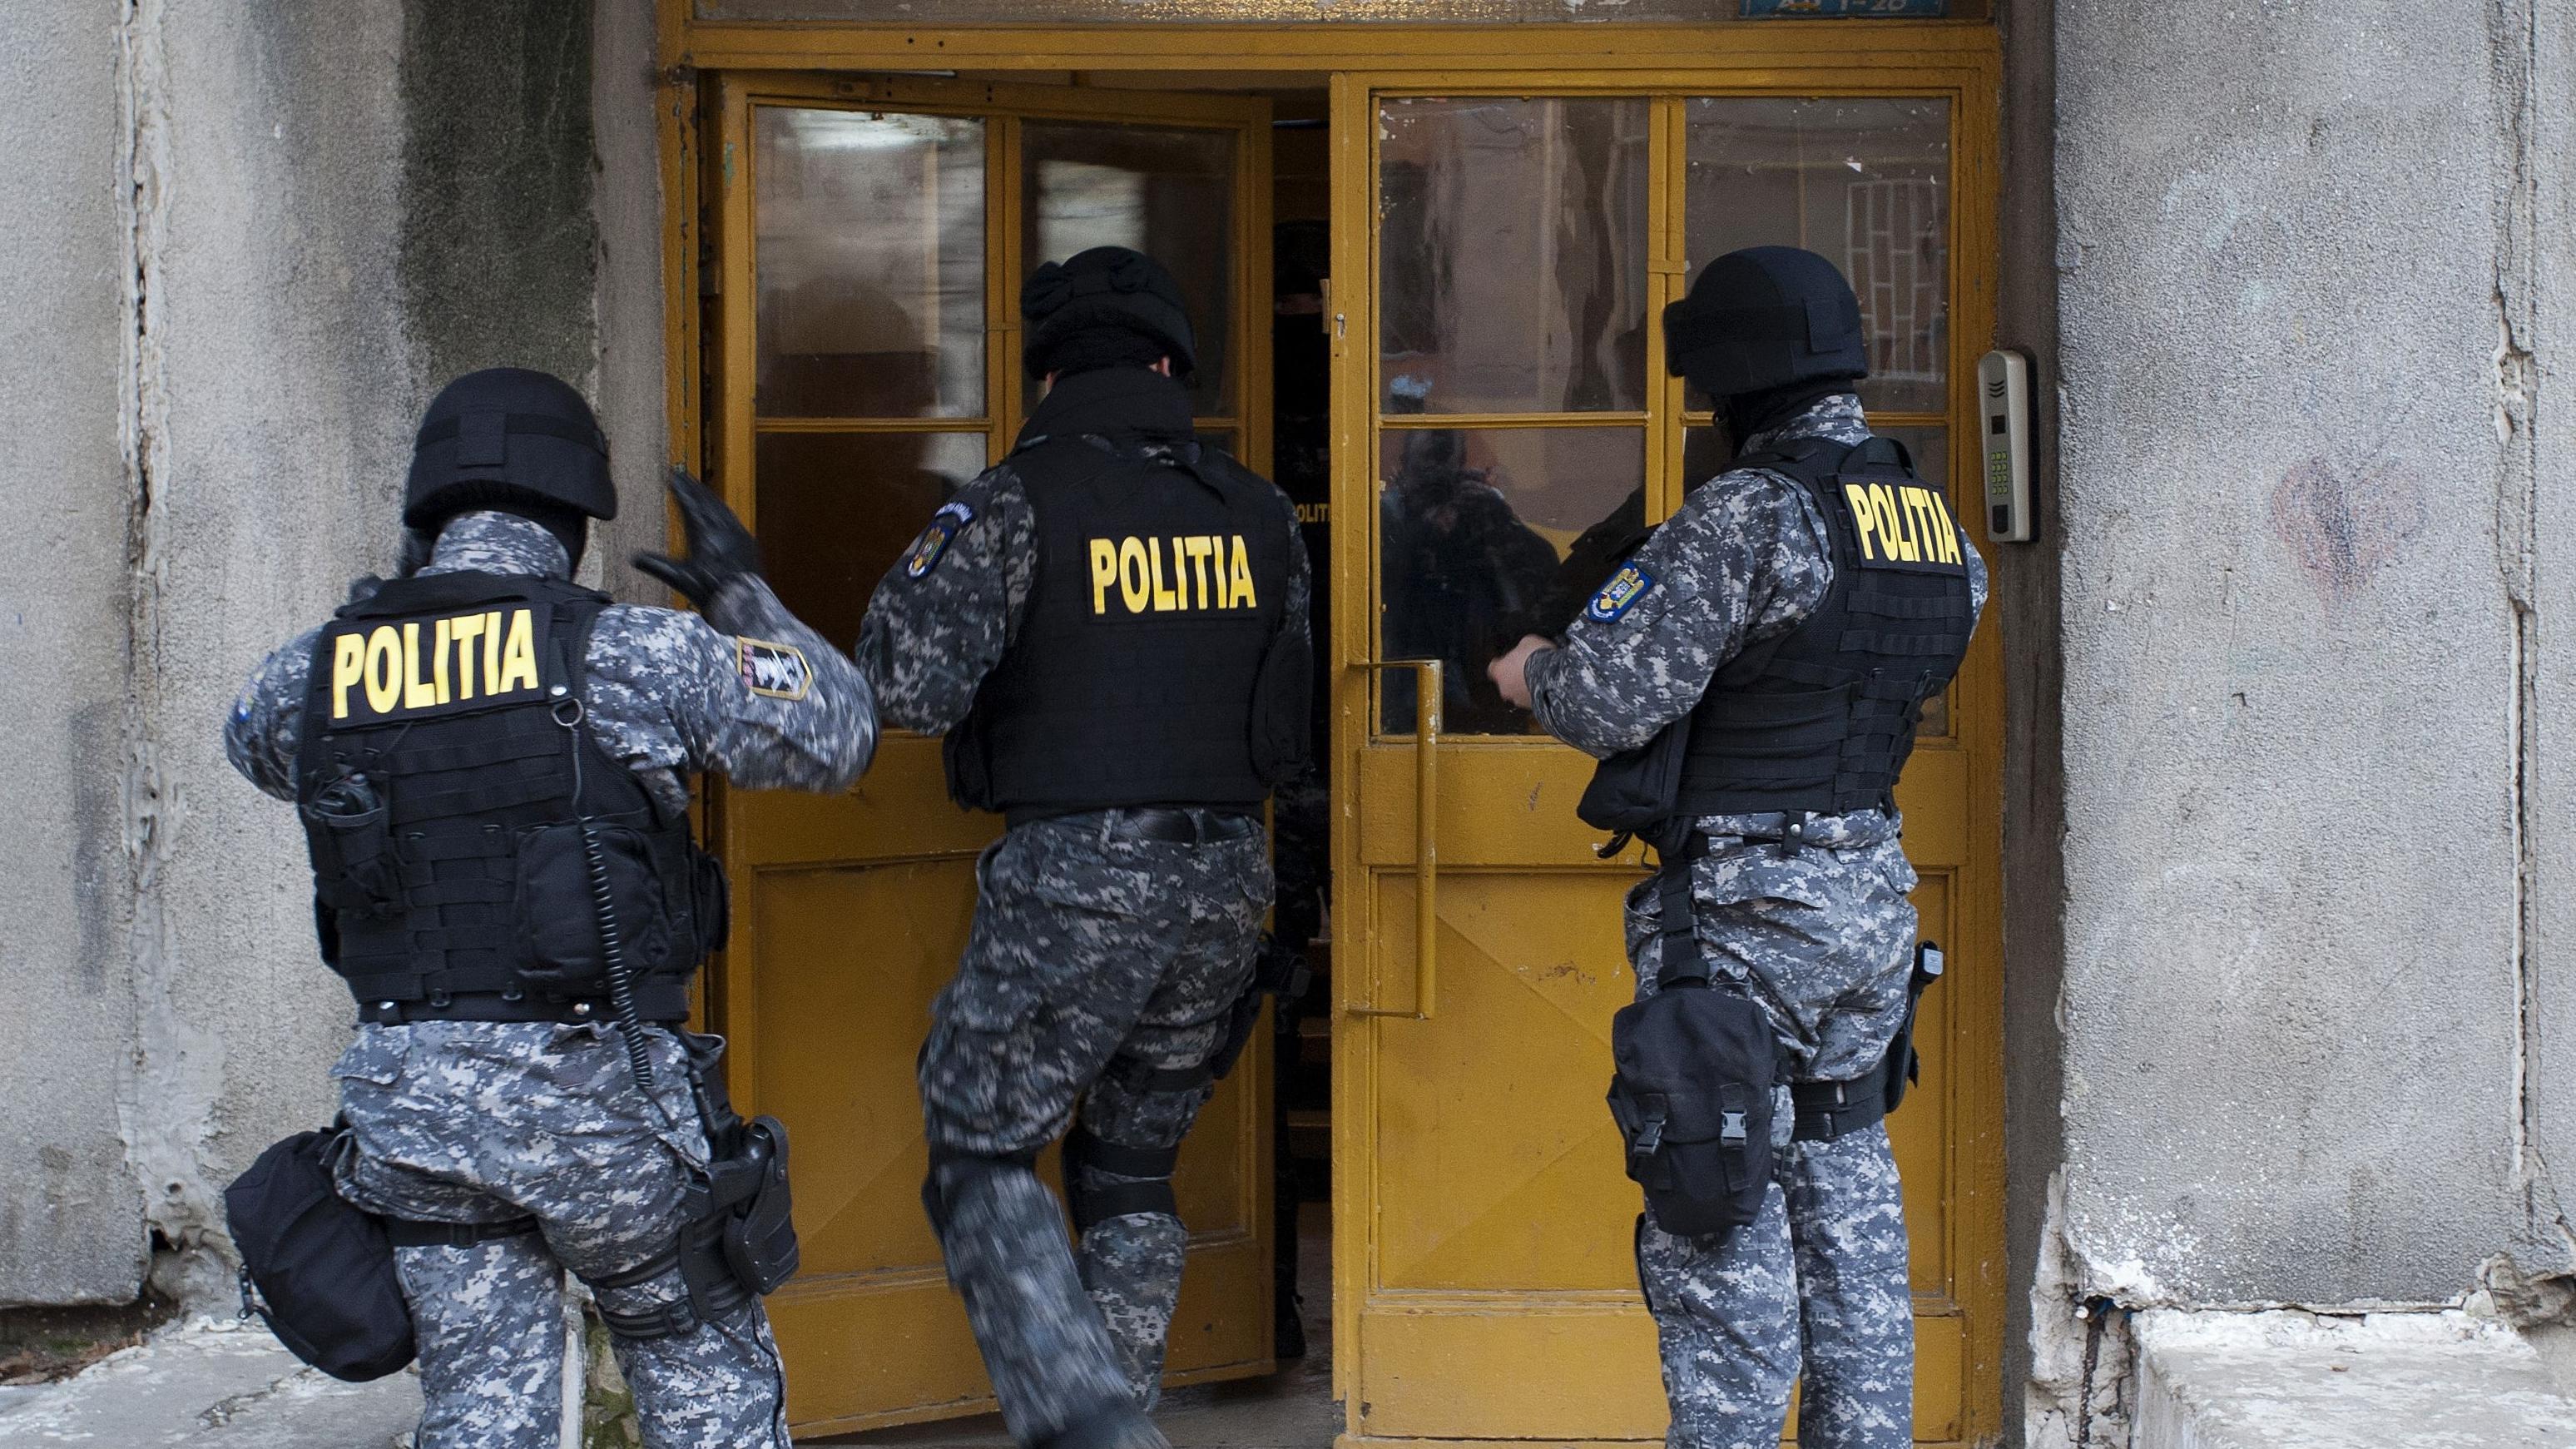 Poliţiştii Direcţiei de Investigaţii Criminale efectuează 24 de percheziții domiciliare, în Bucureşti şi Ilfov